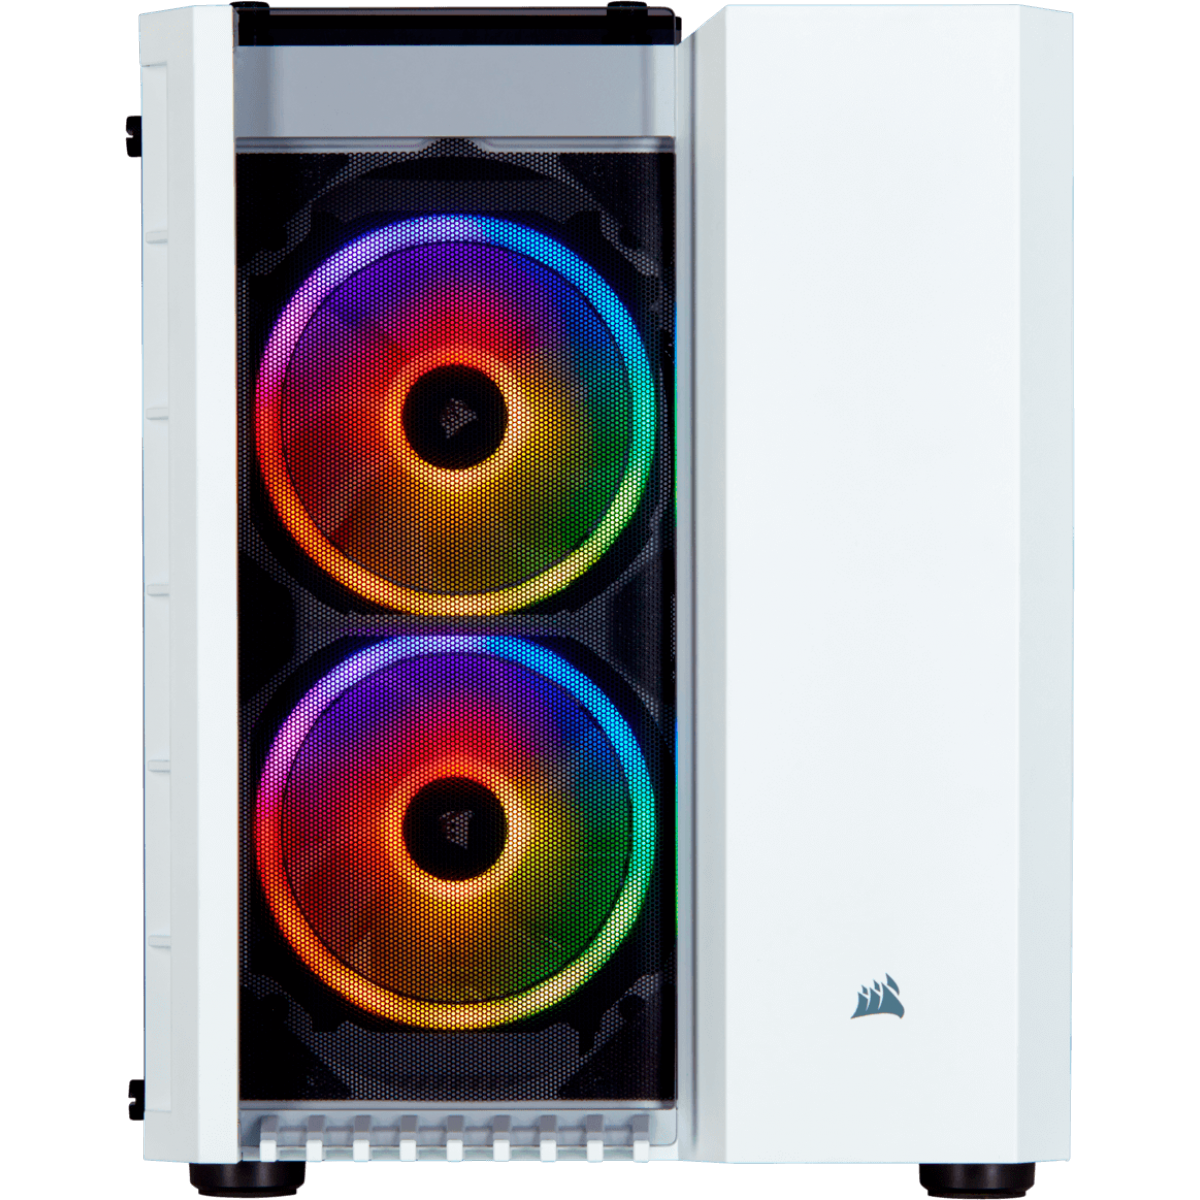 Gabinete Gamer Corsair Crystal 280x RGB, Mini Tower, Vidro Temperado, White, Sem Fonte, CC-9011137-WW